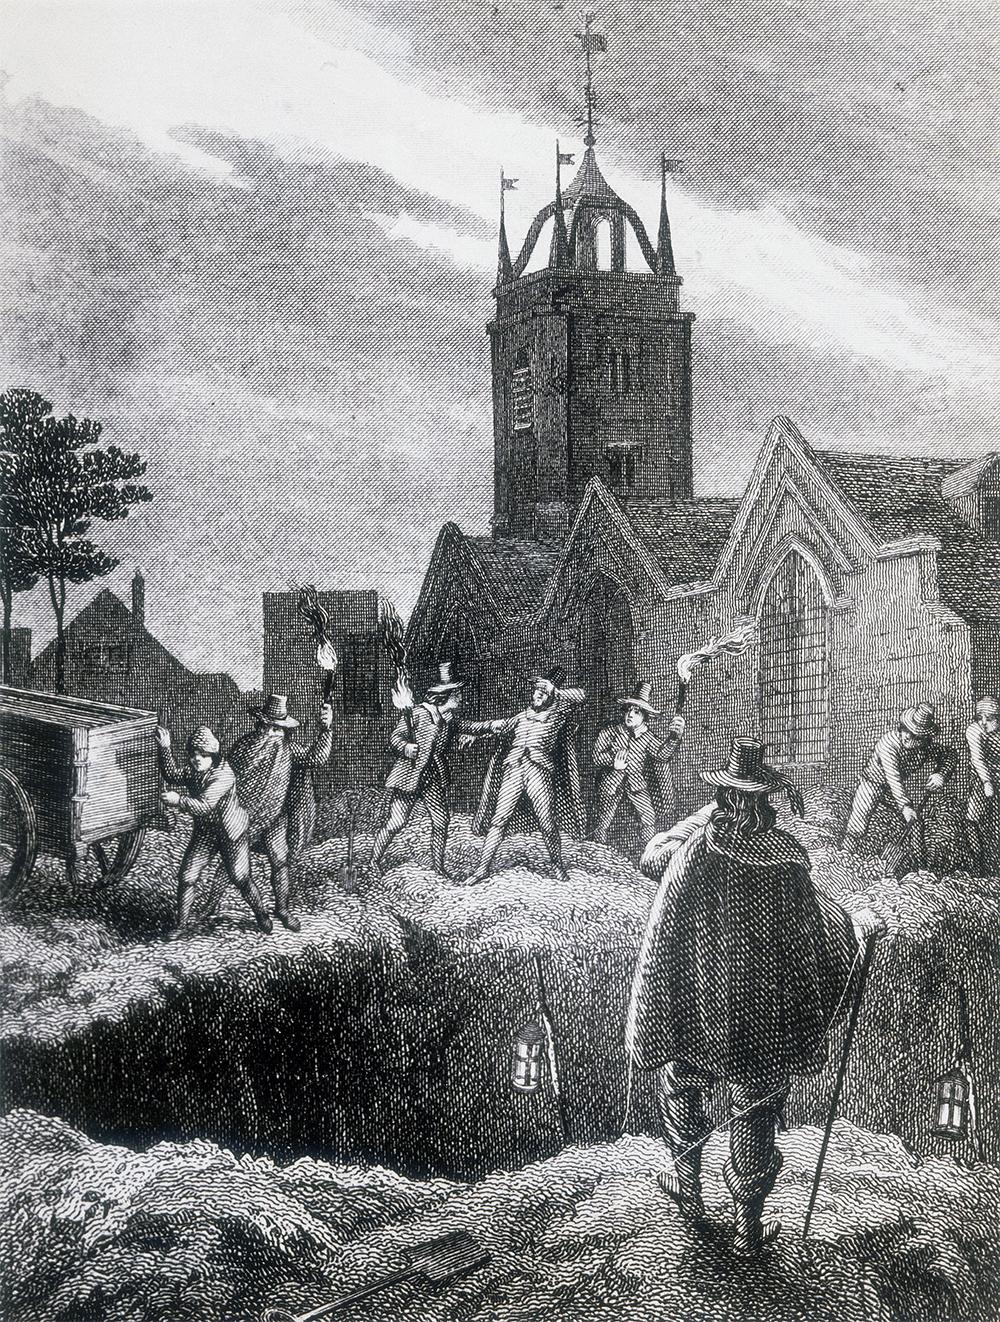 Гравюра (XIX век), изображающая группу мужчин с факелами на кладбище, готовящихся выгрузить содержимое крытой тележки в «Большую яму» в Олдгейте. Чума в Лондоне, 1665 г.